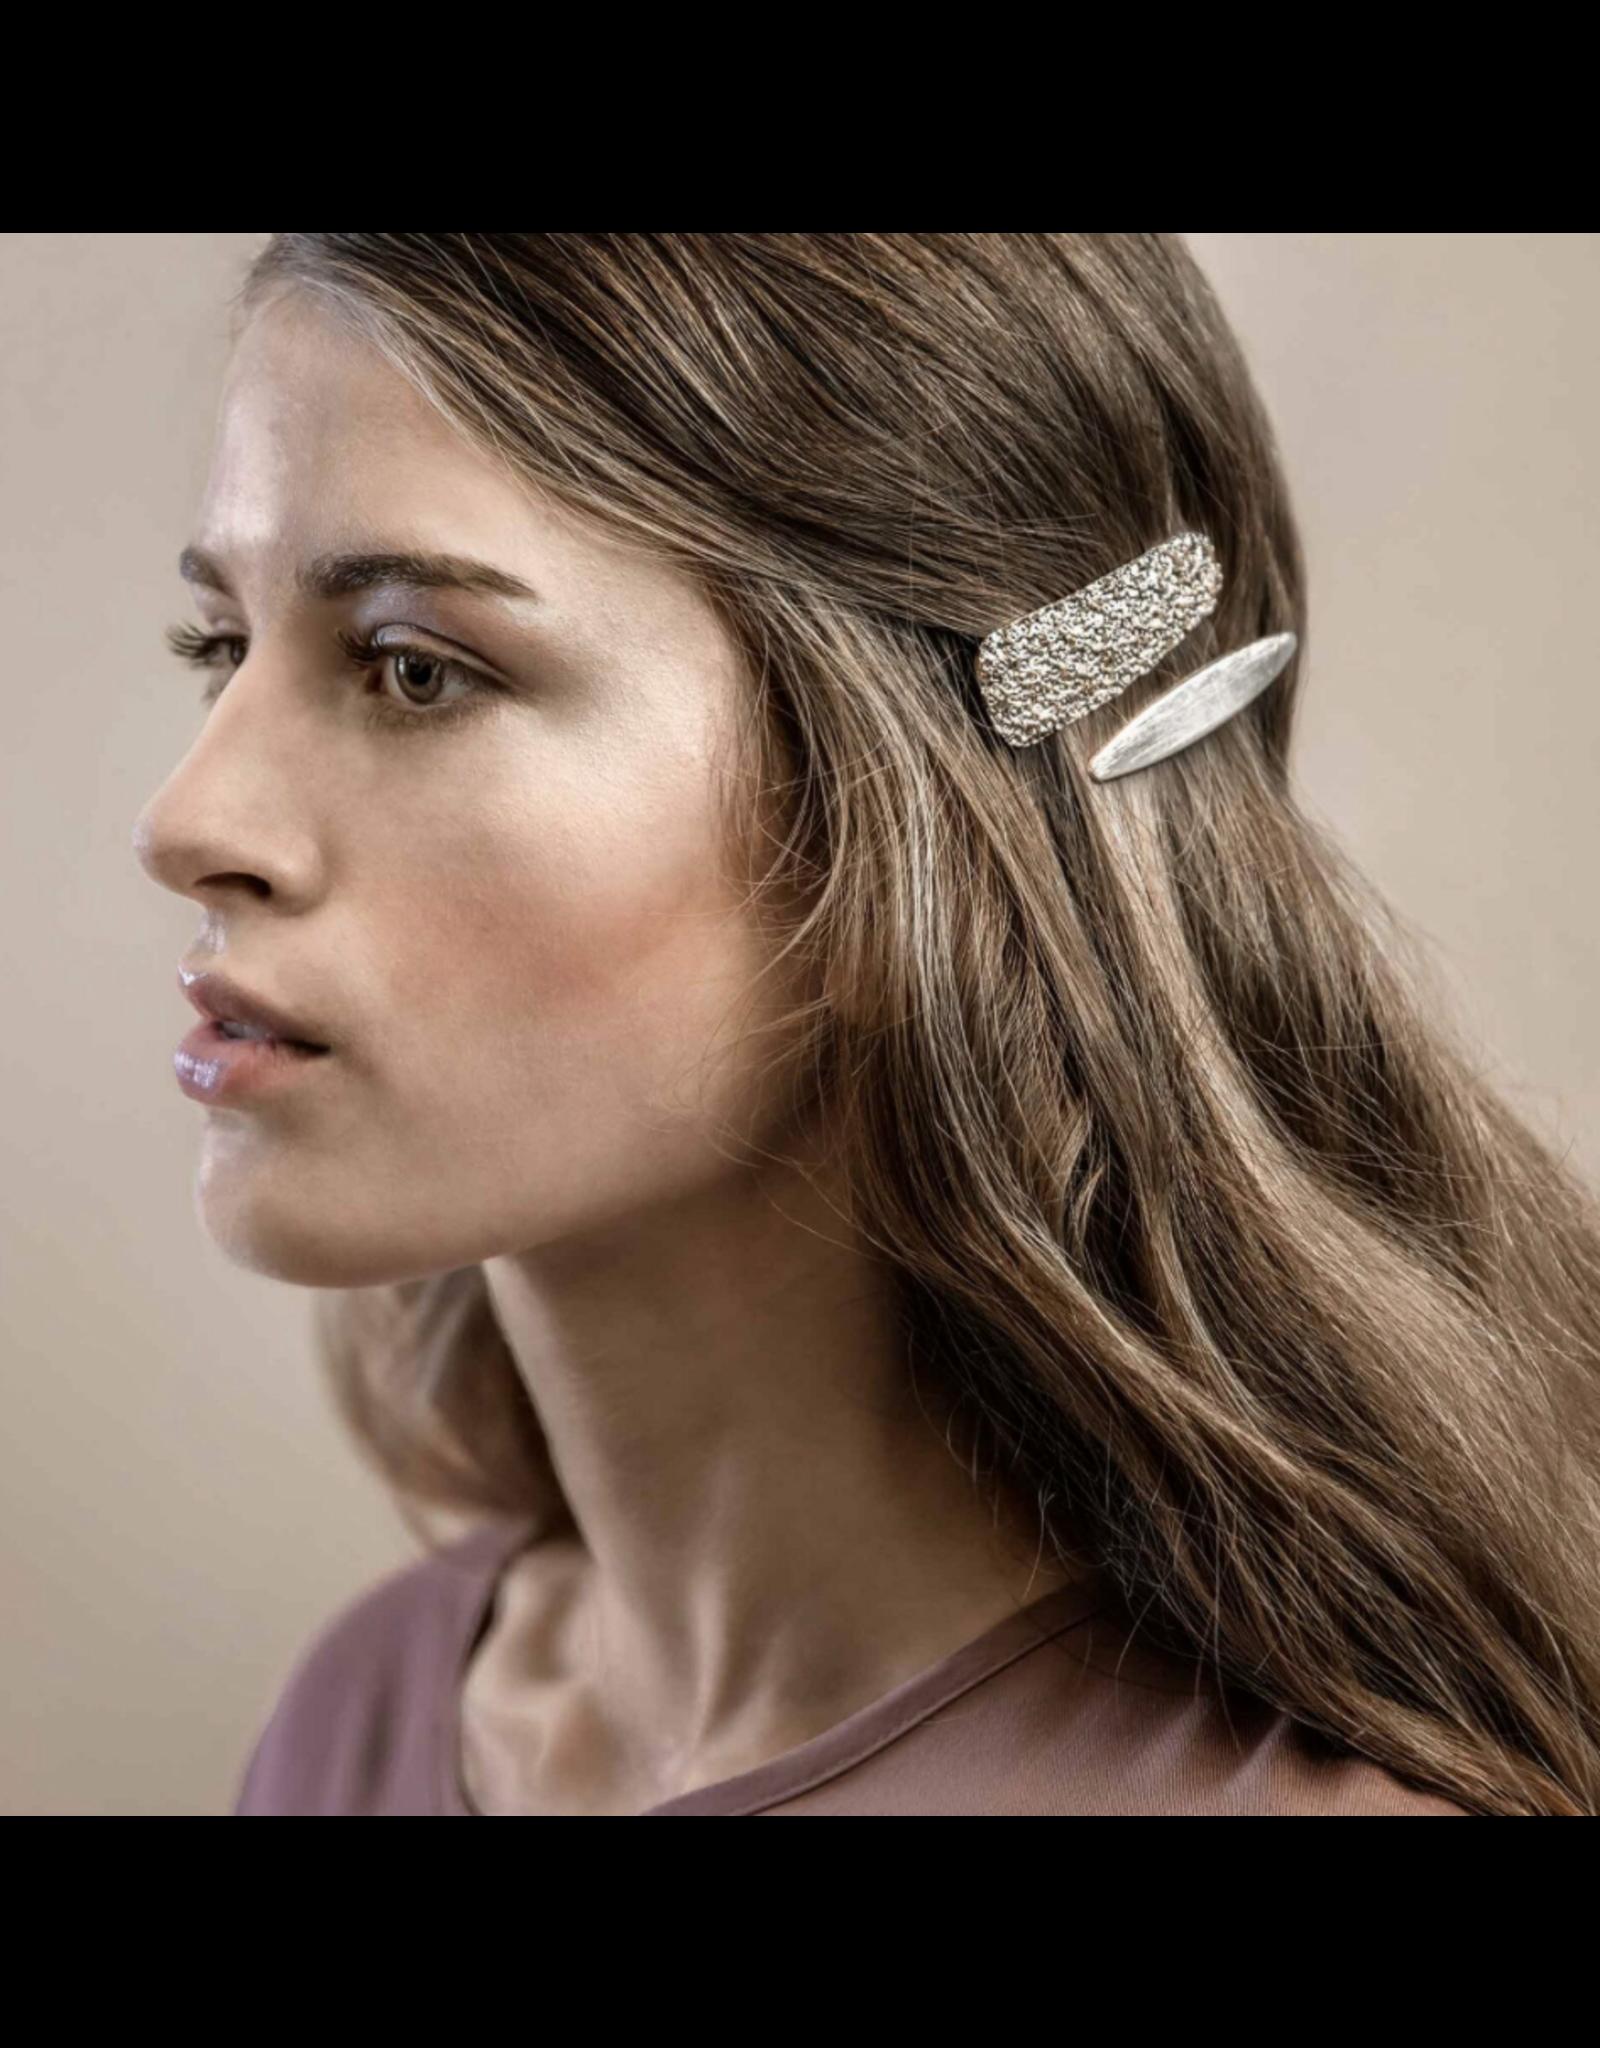 Dansk Dansk 4C3026 Slim Solid Hair Clip Gold Plating